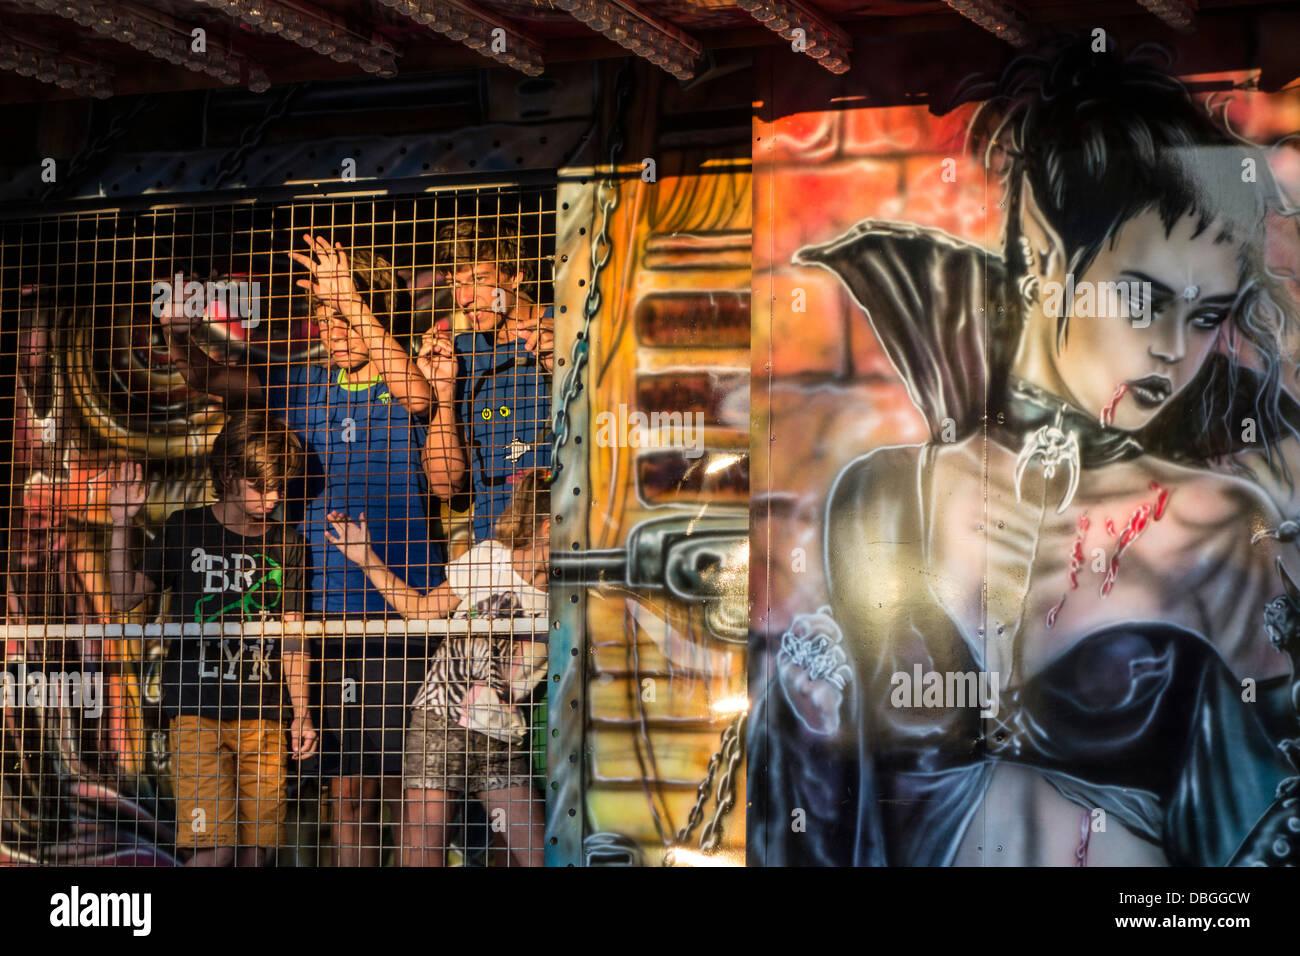 I bambini in fiera attrazione Haunted House al parco di divertimenti di viaggio / viaggi fiera del divertimento Immagini Stock